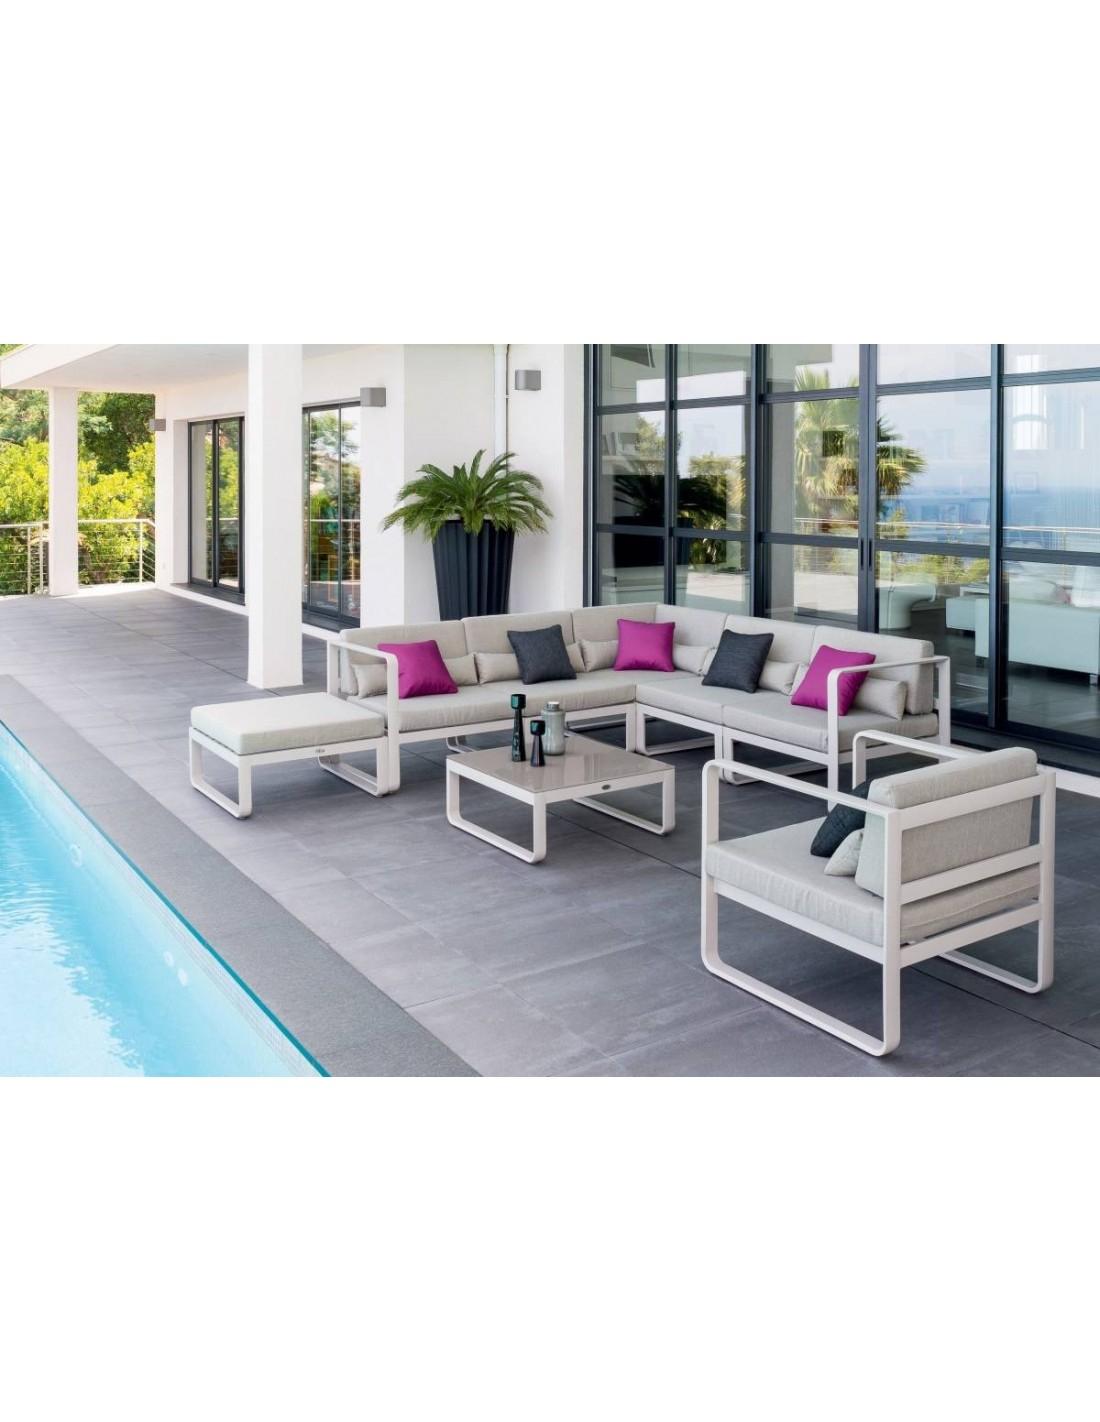 Salon de jardin Absolu 7 places en aluminium Hespéride